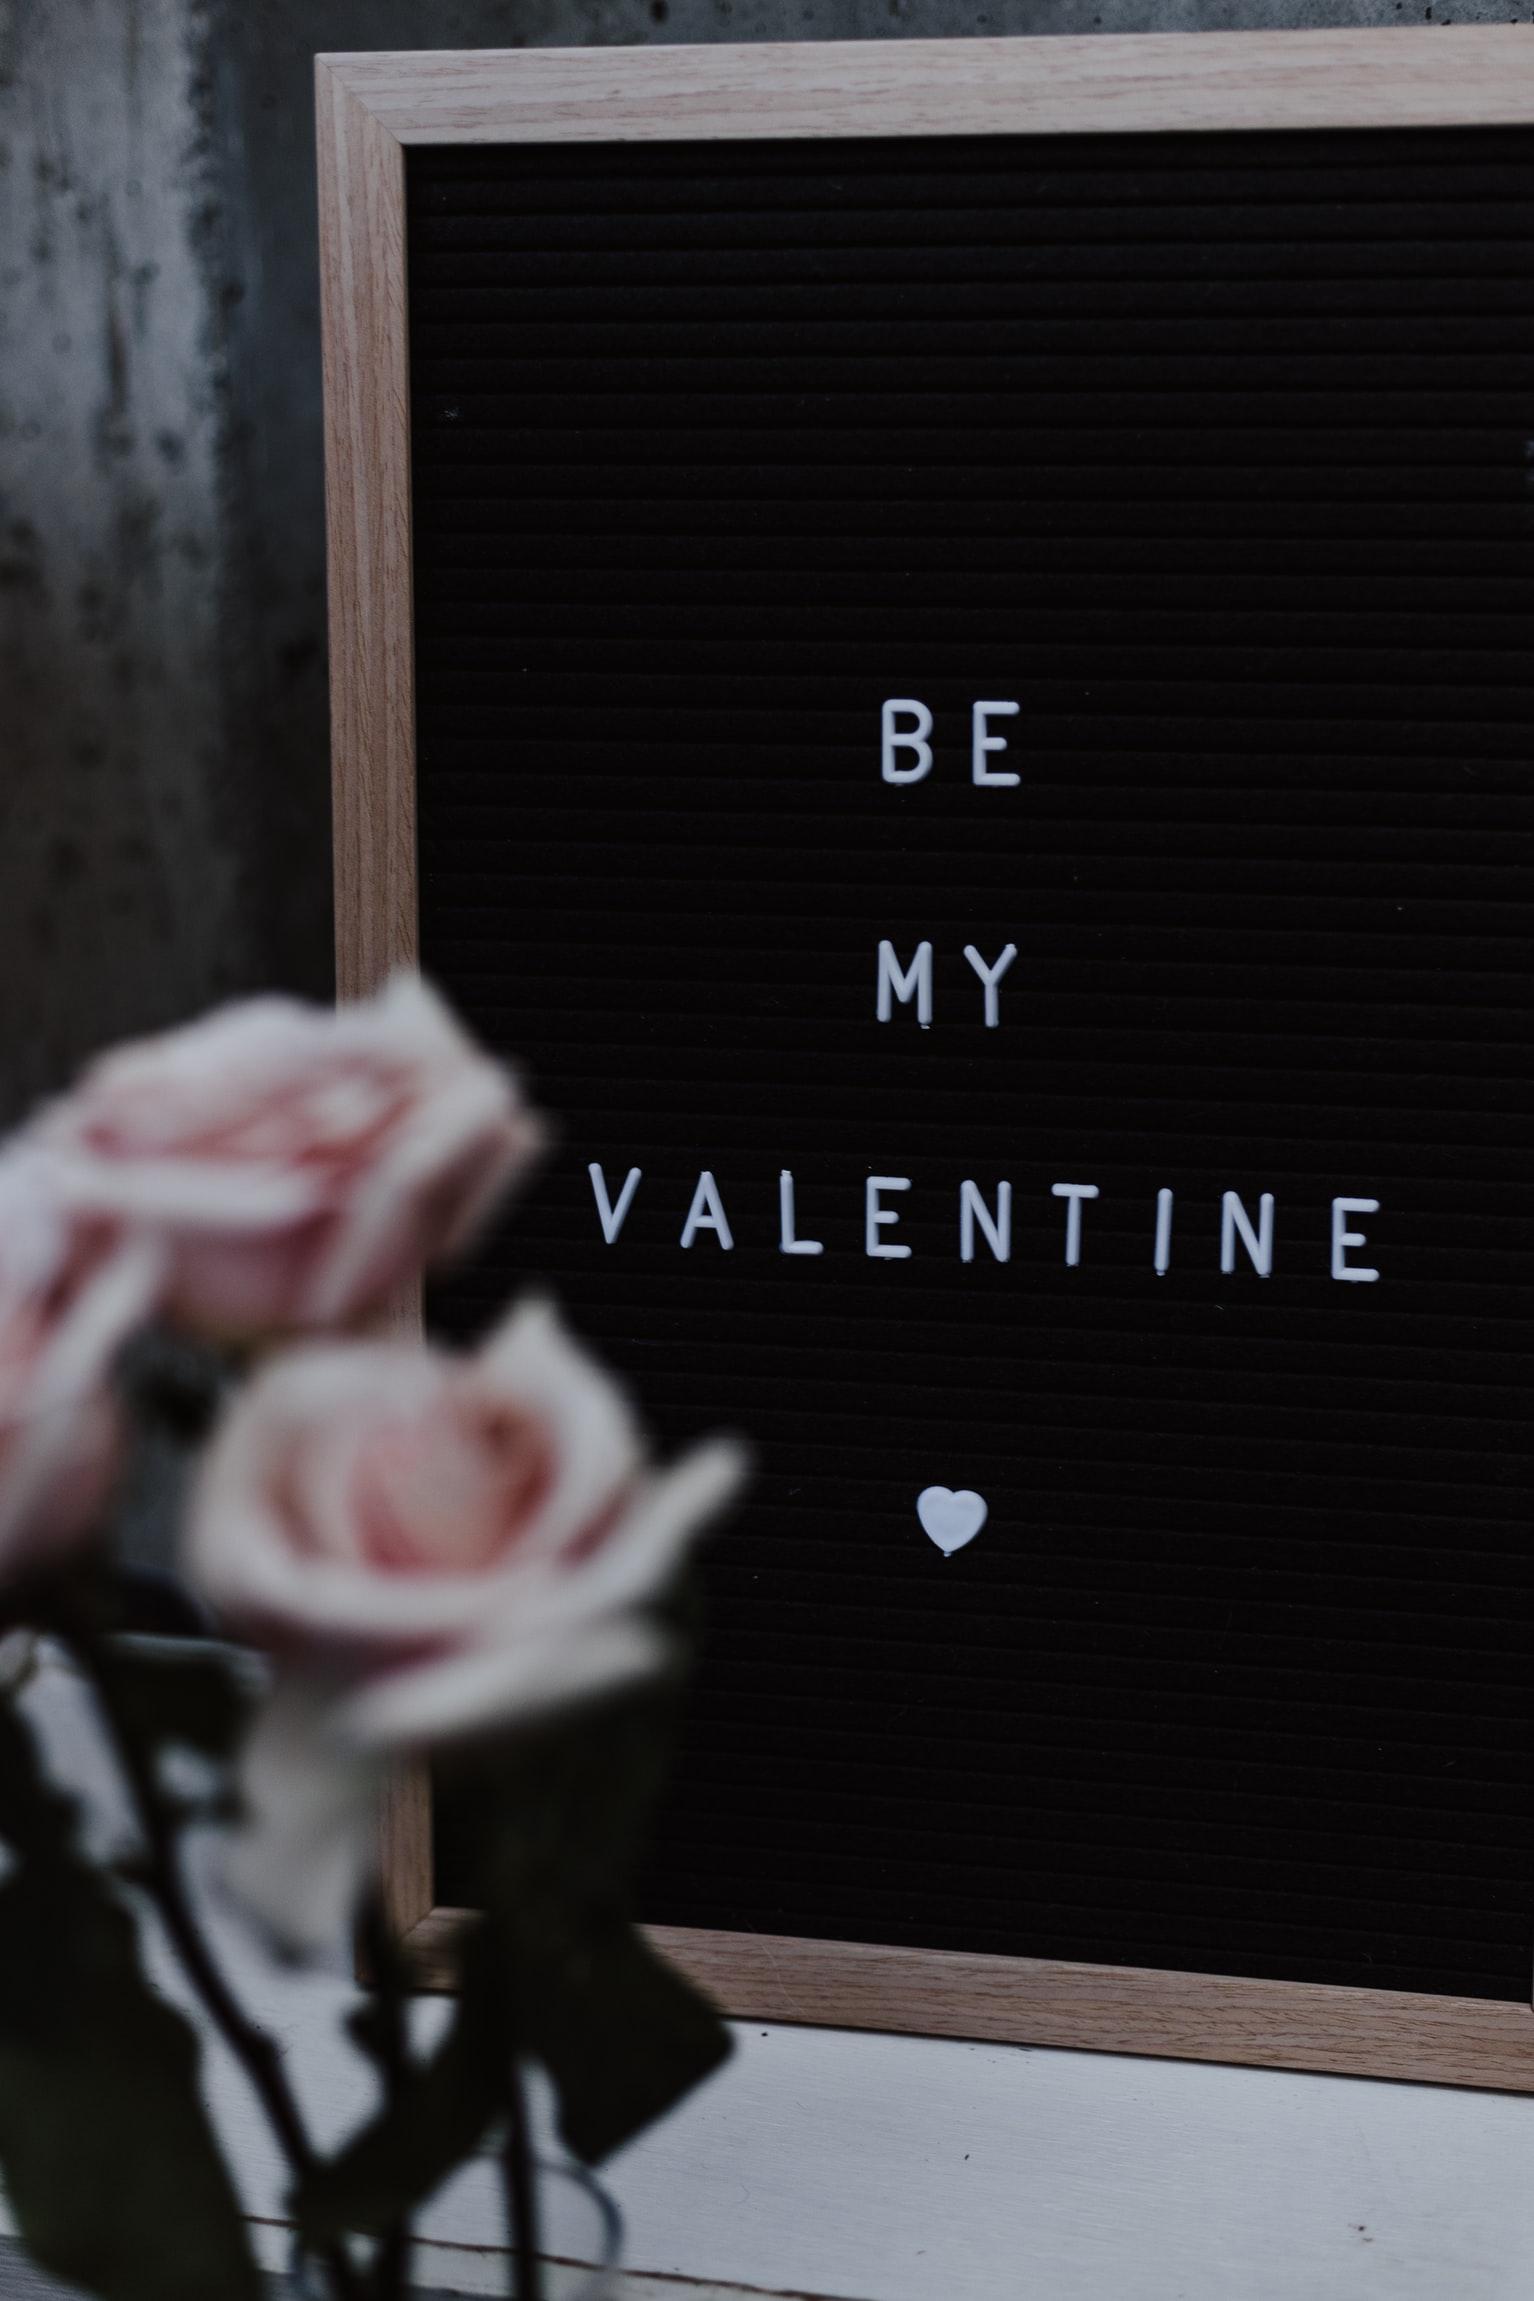 Be My Valentine - Image by @priscilladupreez   Unsplash